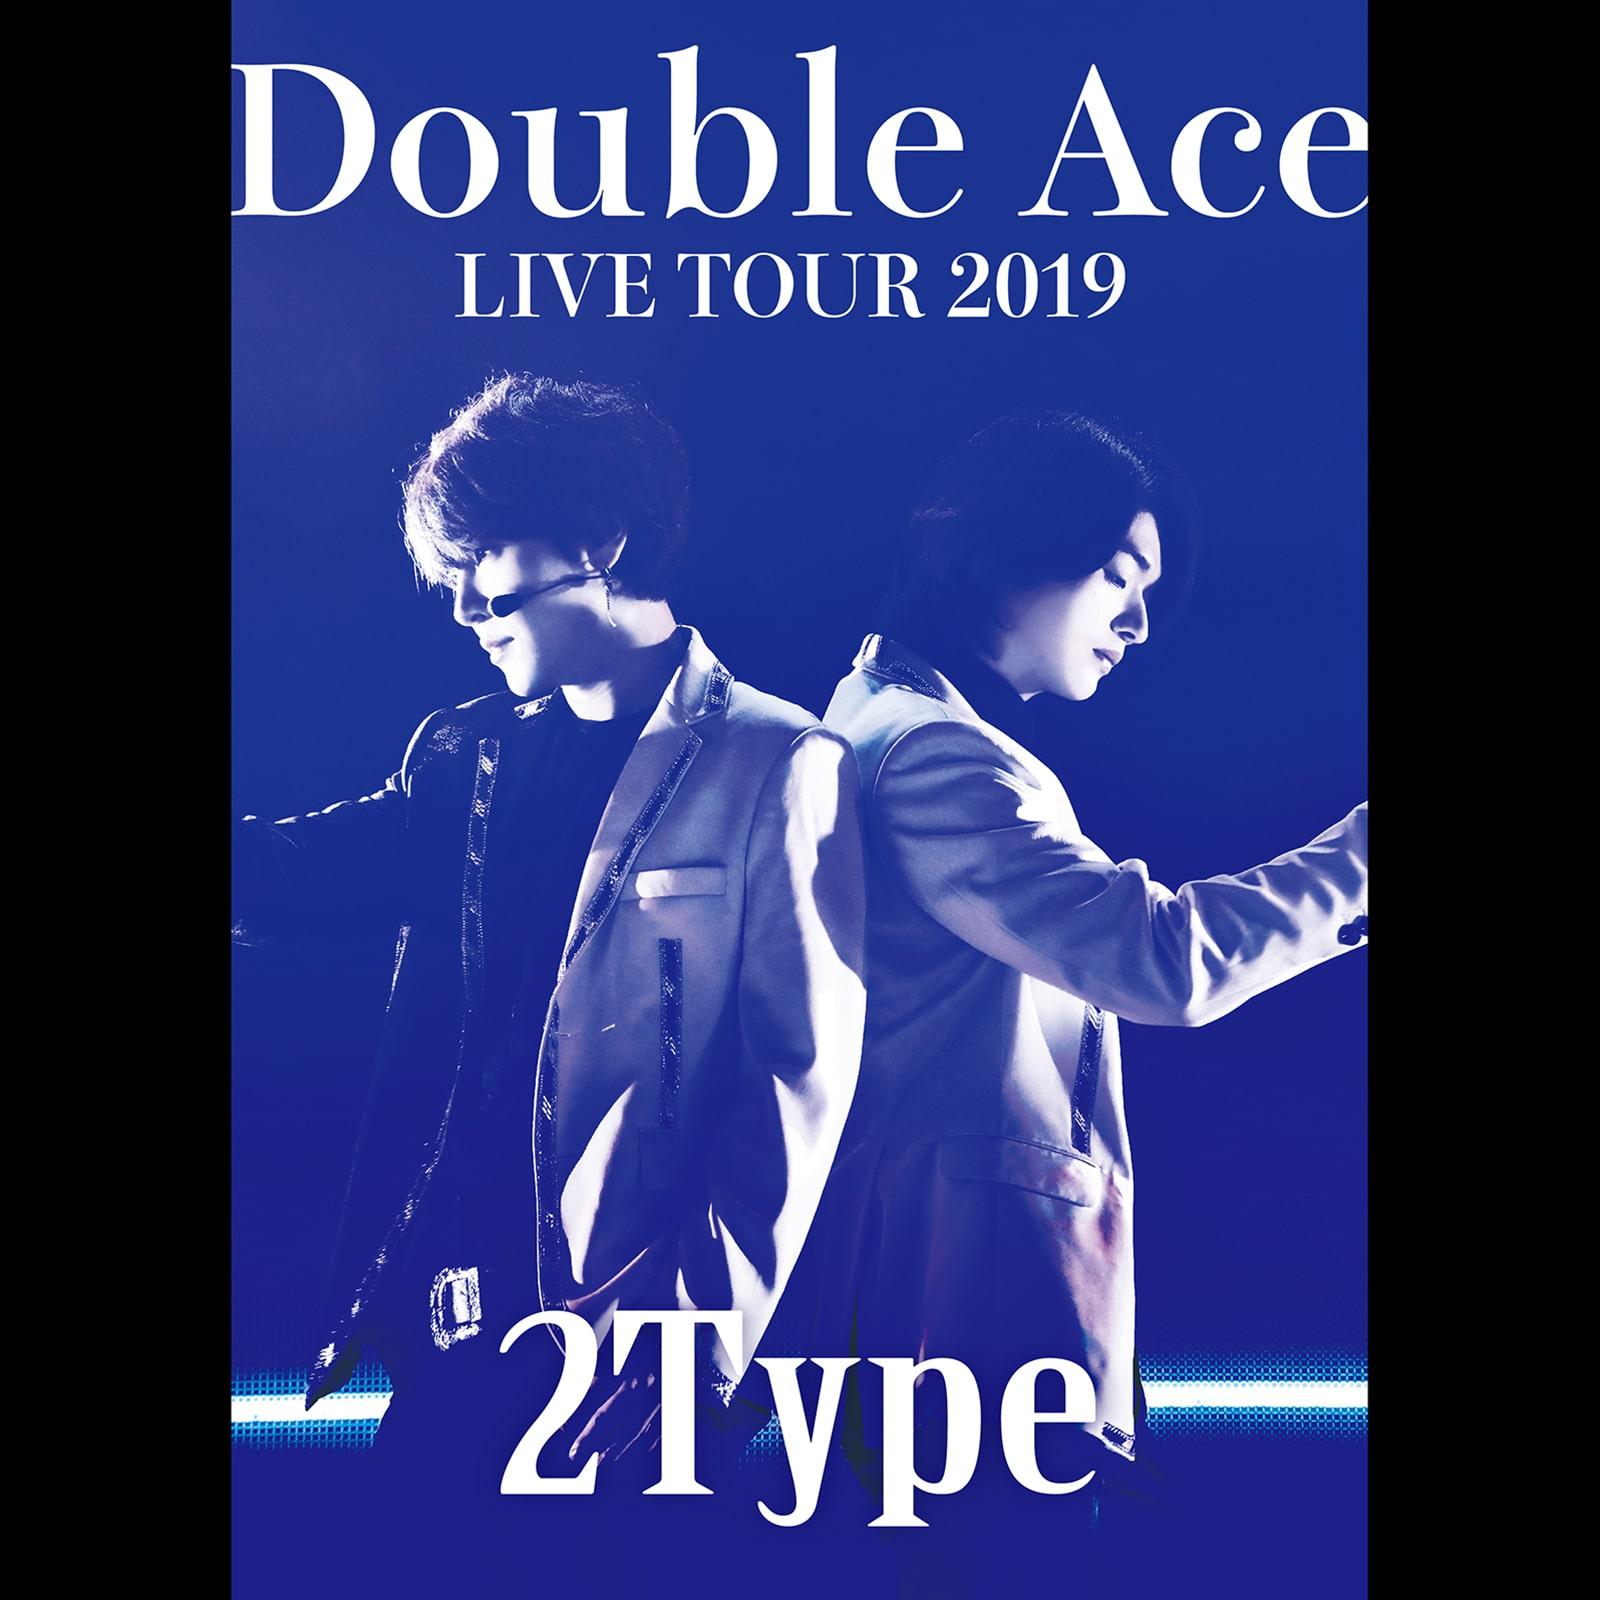 Double Ace_LIVE TOUR 2019「2Type」-min